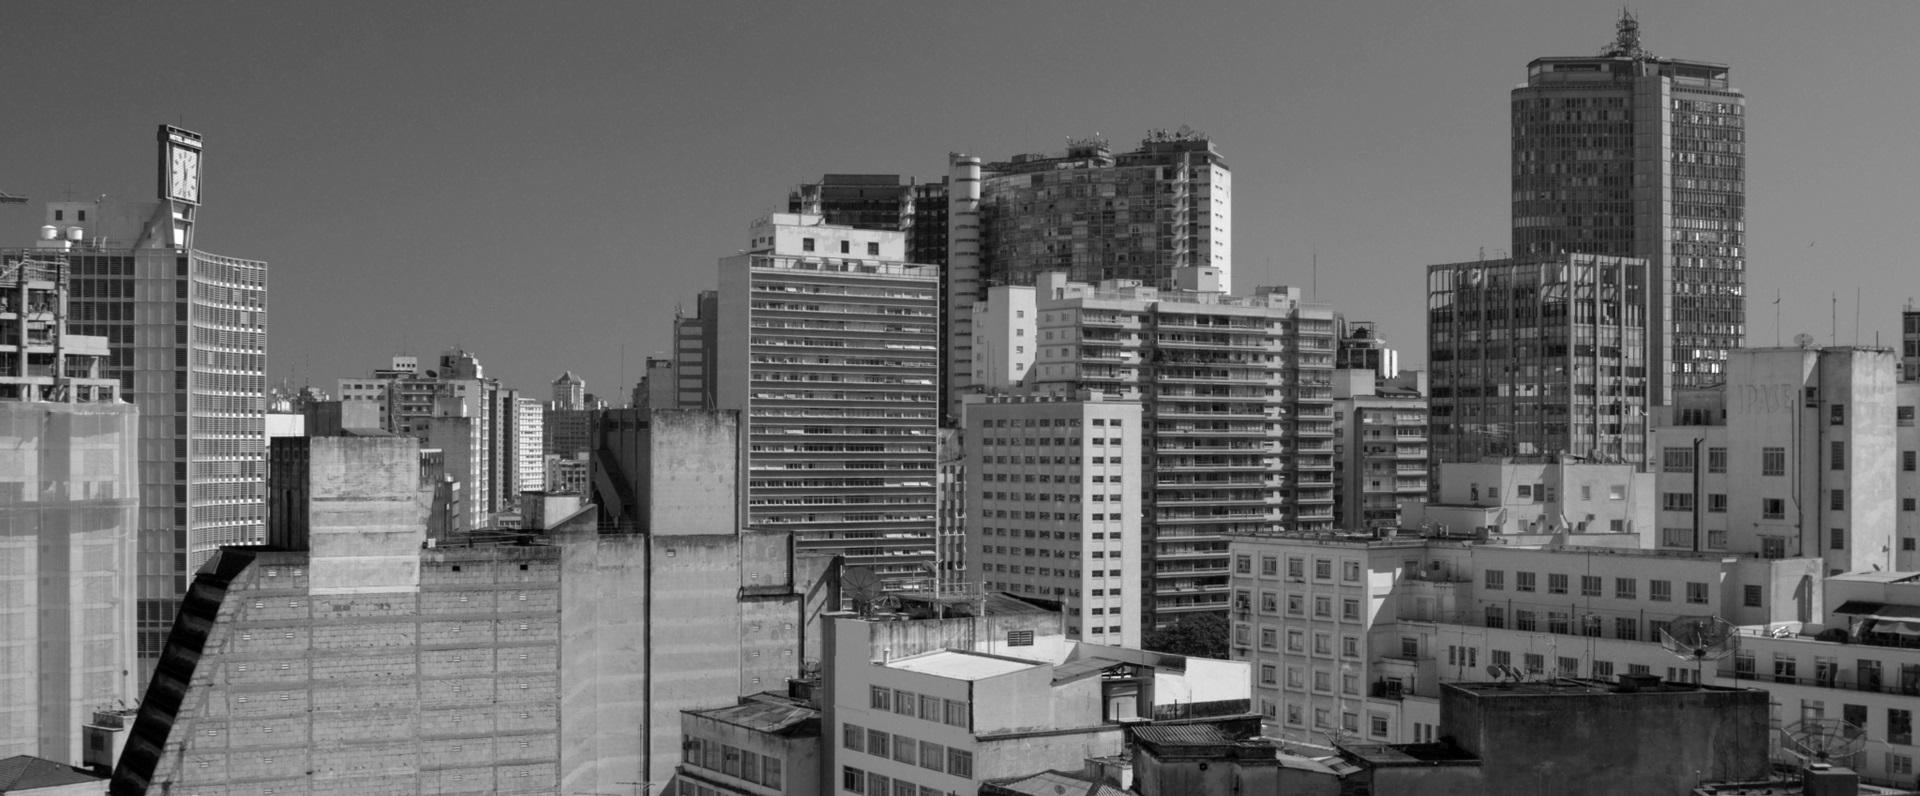 Obra: uno squarcio architettonico della città di San Paolo del Brasile